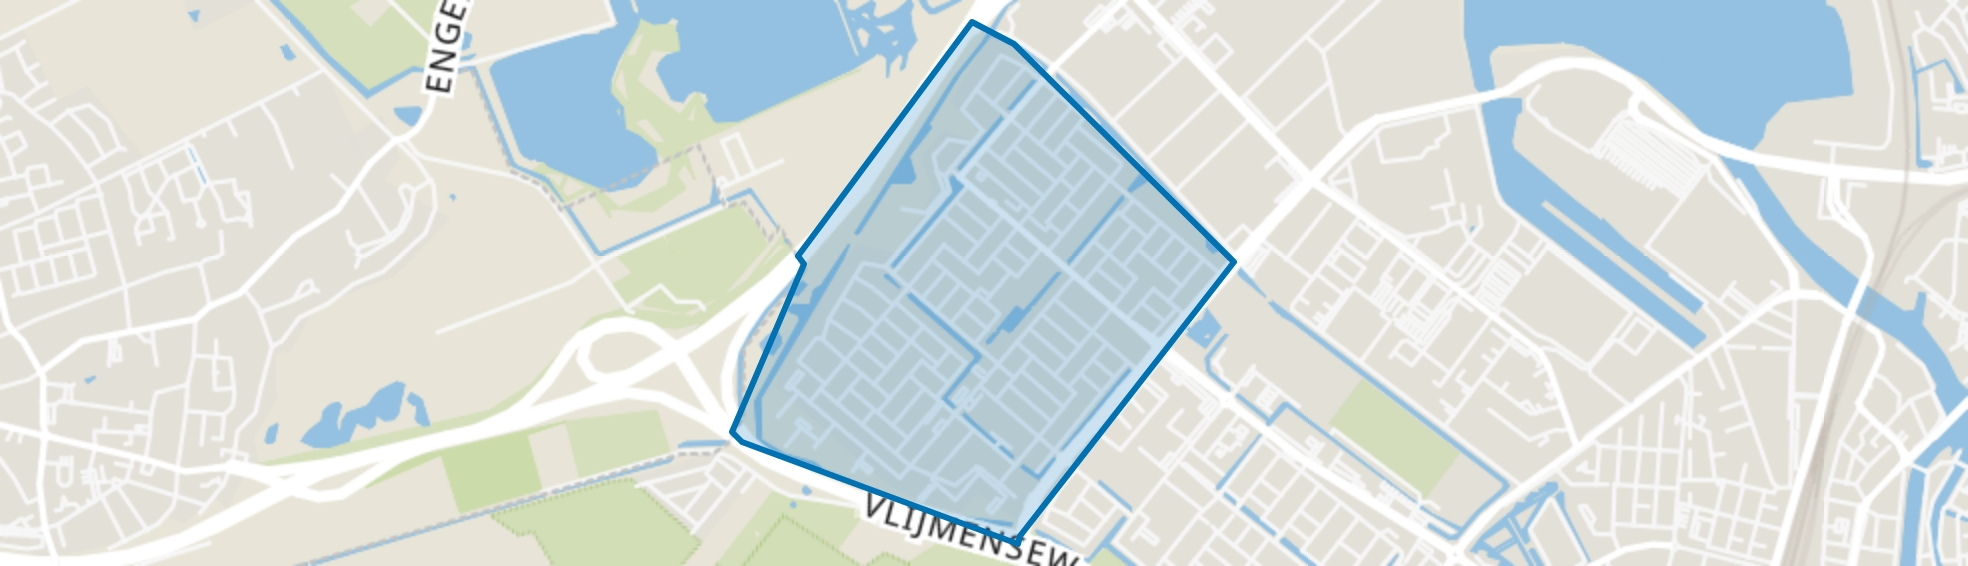 De Kruiskamp, Den Bosch map